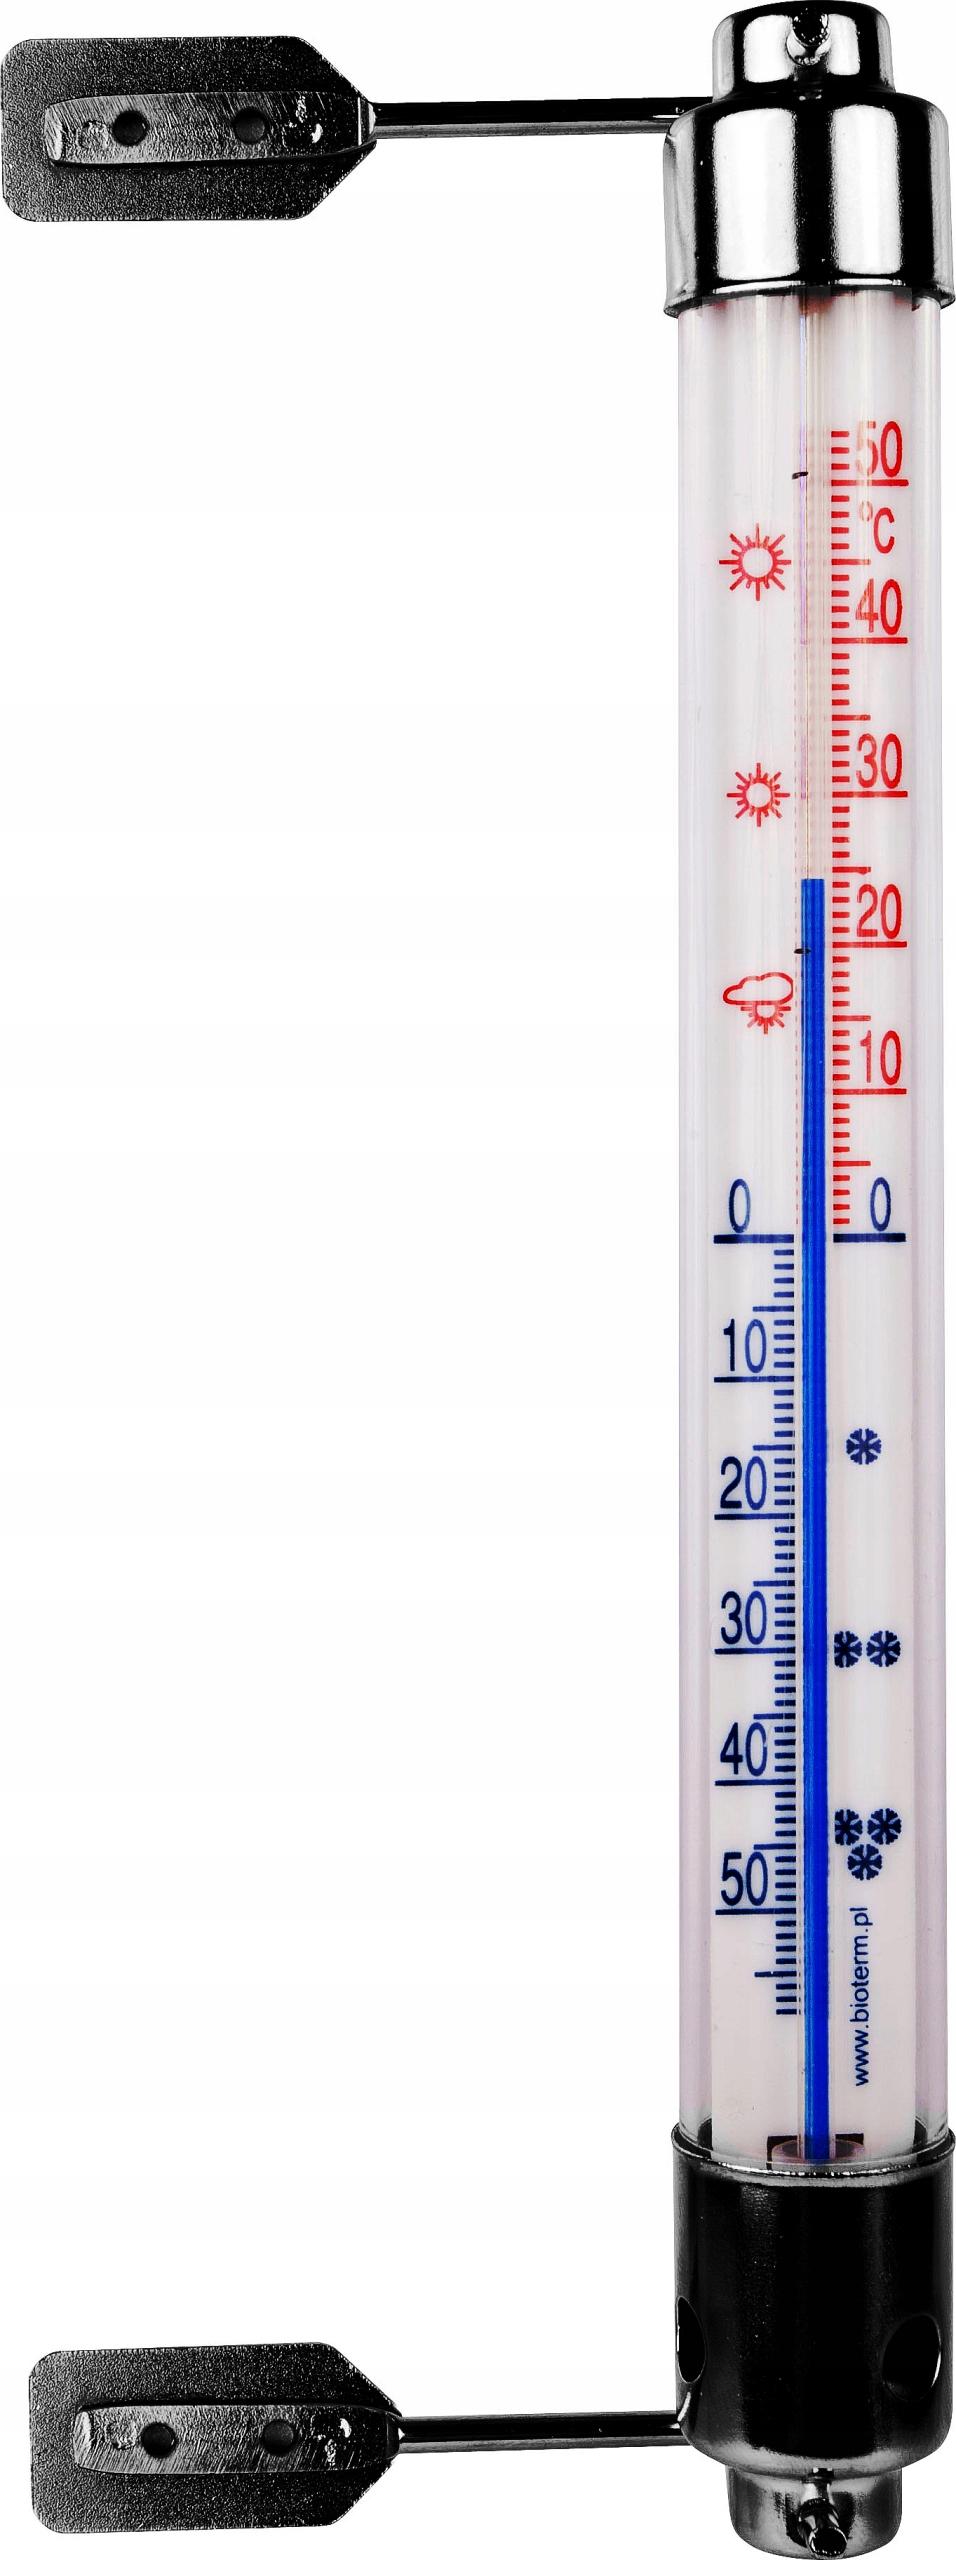 TERMOMETR ZAOKIENNY ZEWNĘTRZNY METALOWY 20cm